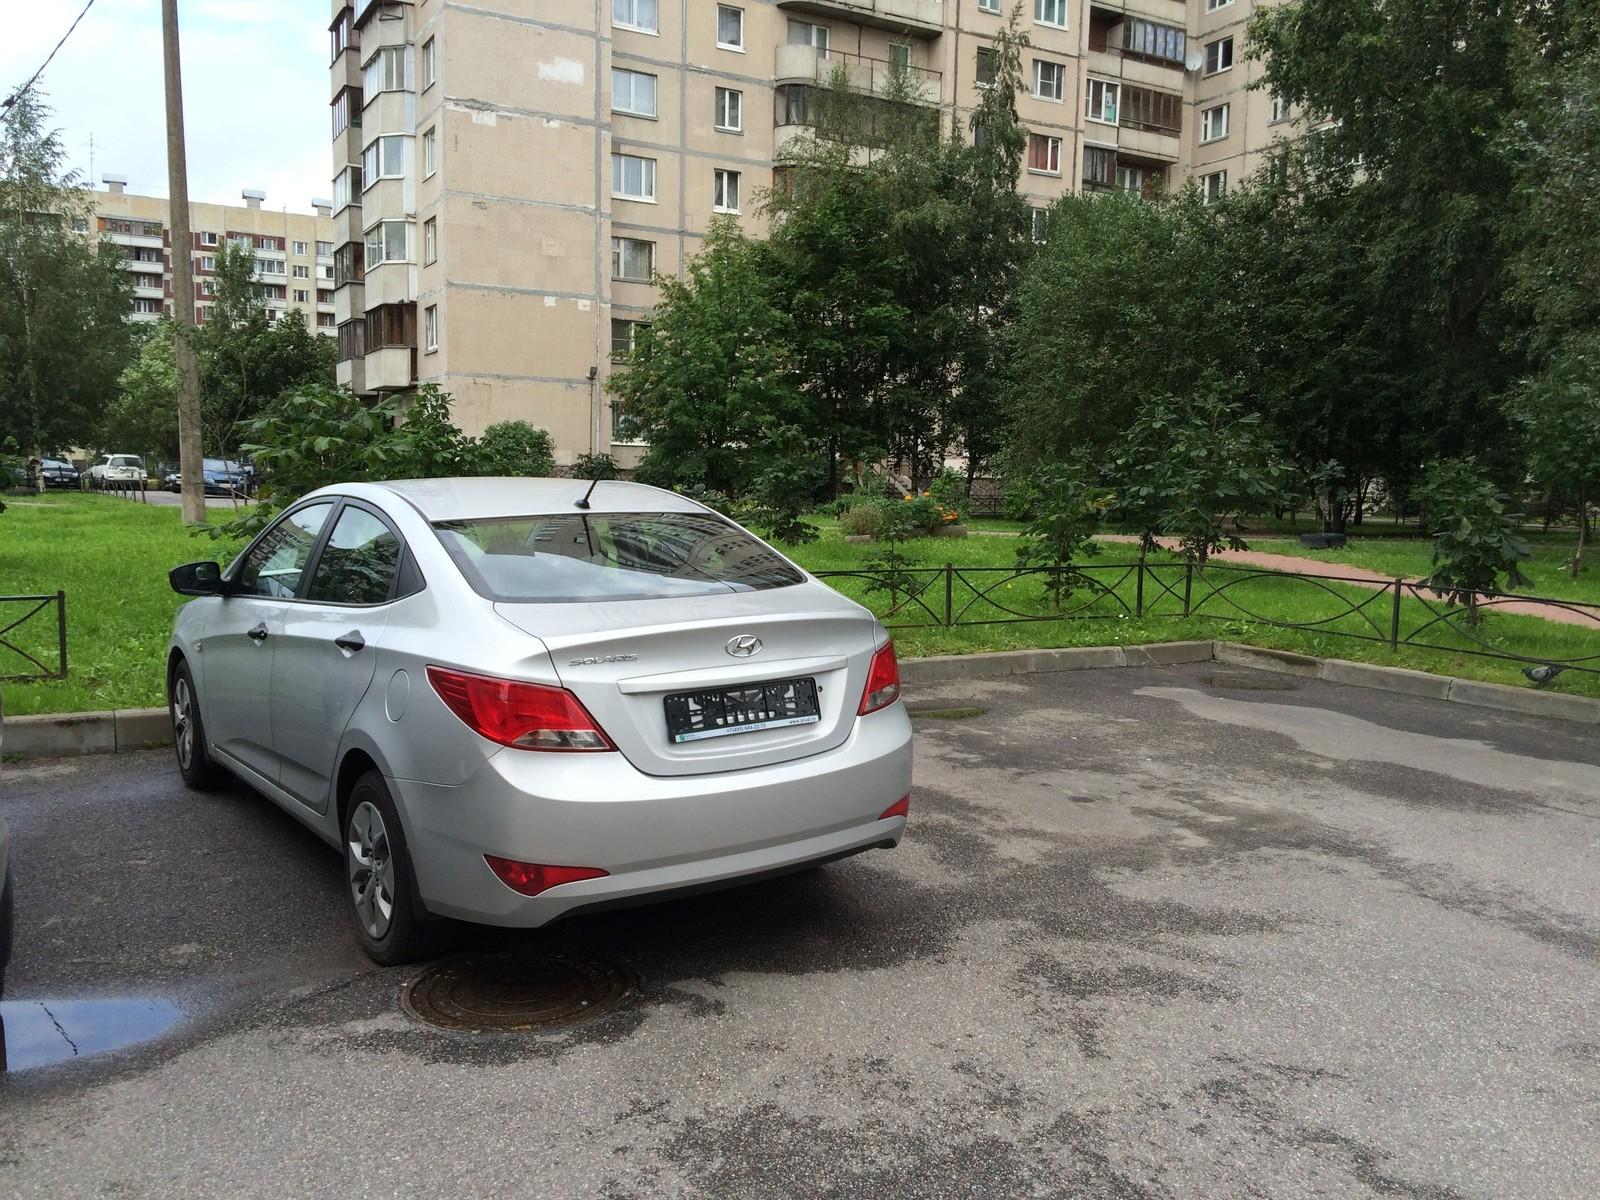 Жителю Подмосковья выстрелили влицо после просьбы переставить автомобиль